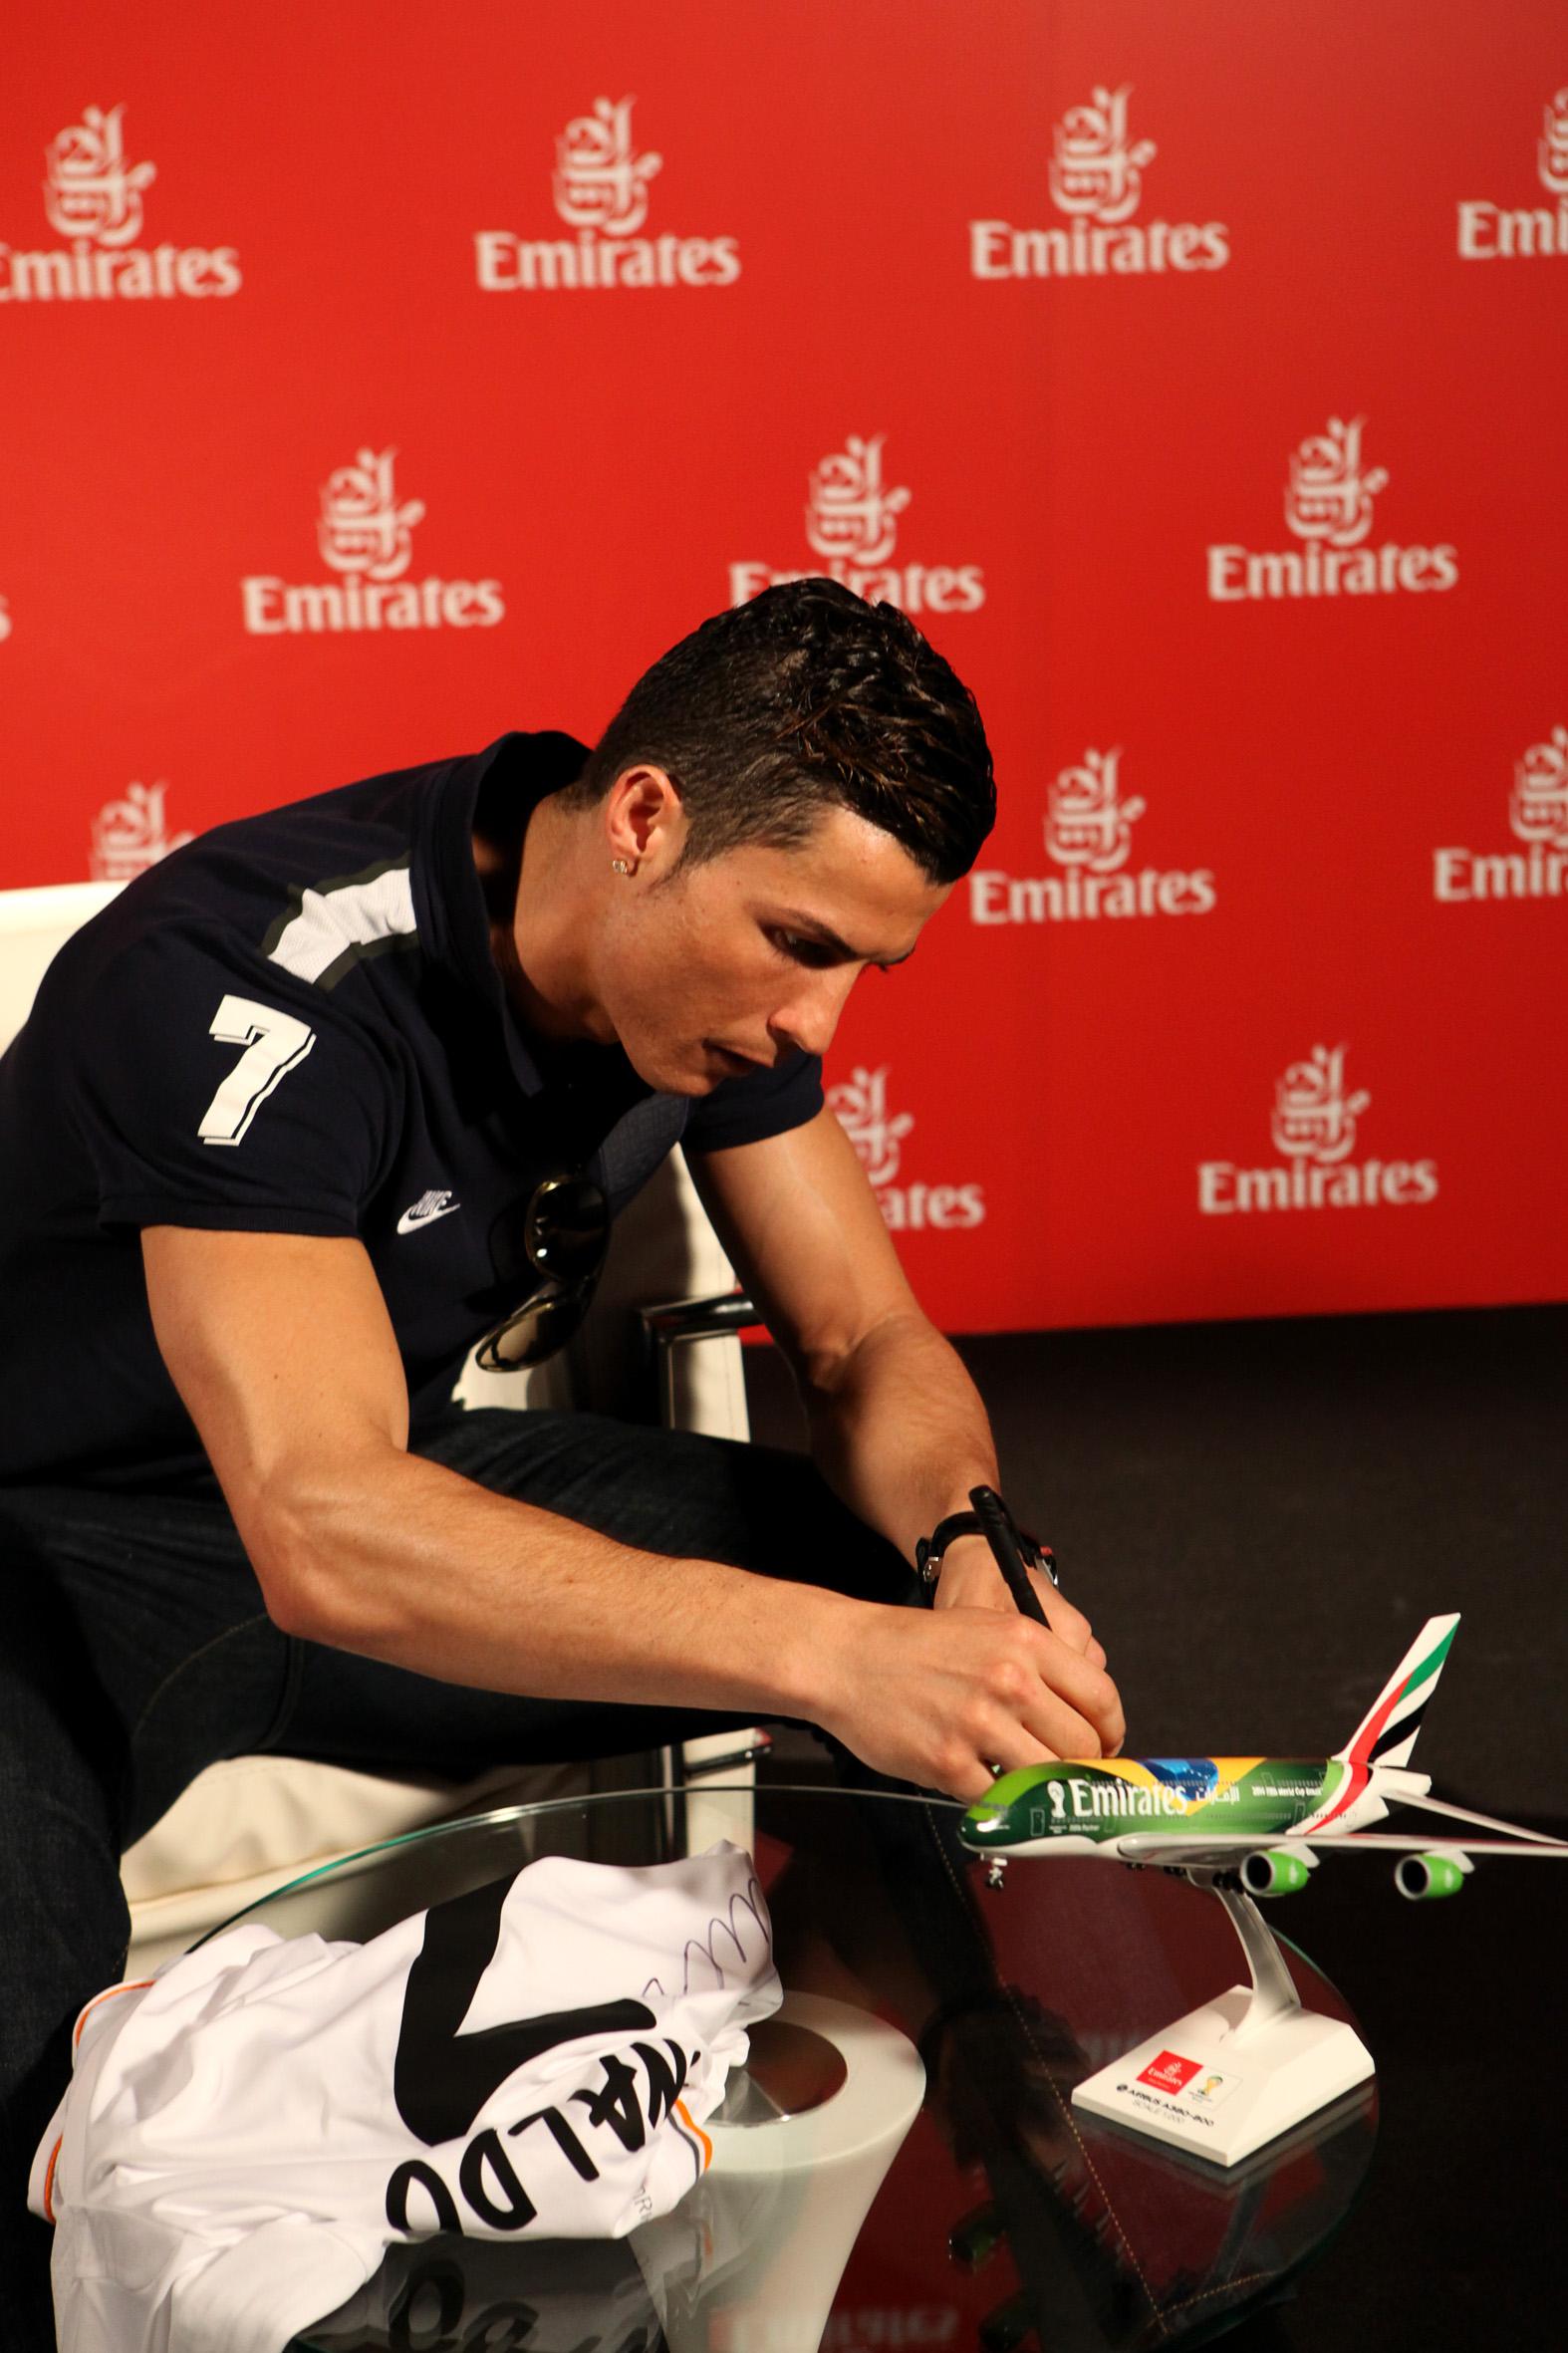 Emirates_Global_Ambassador_Cristiano_Ronaldo_signing_Emirates_plane